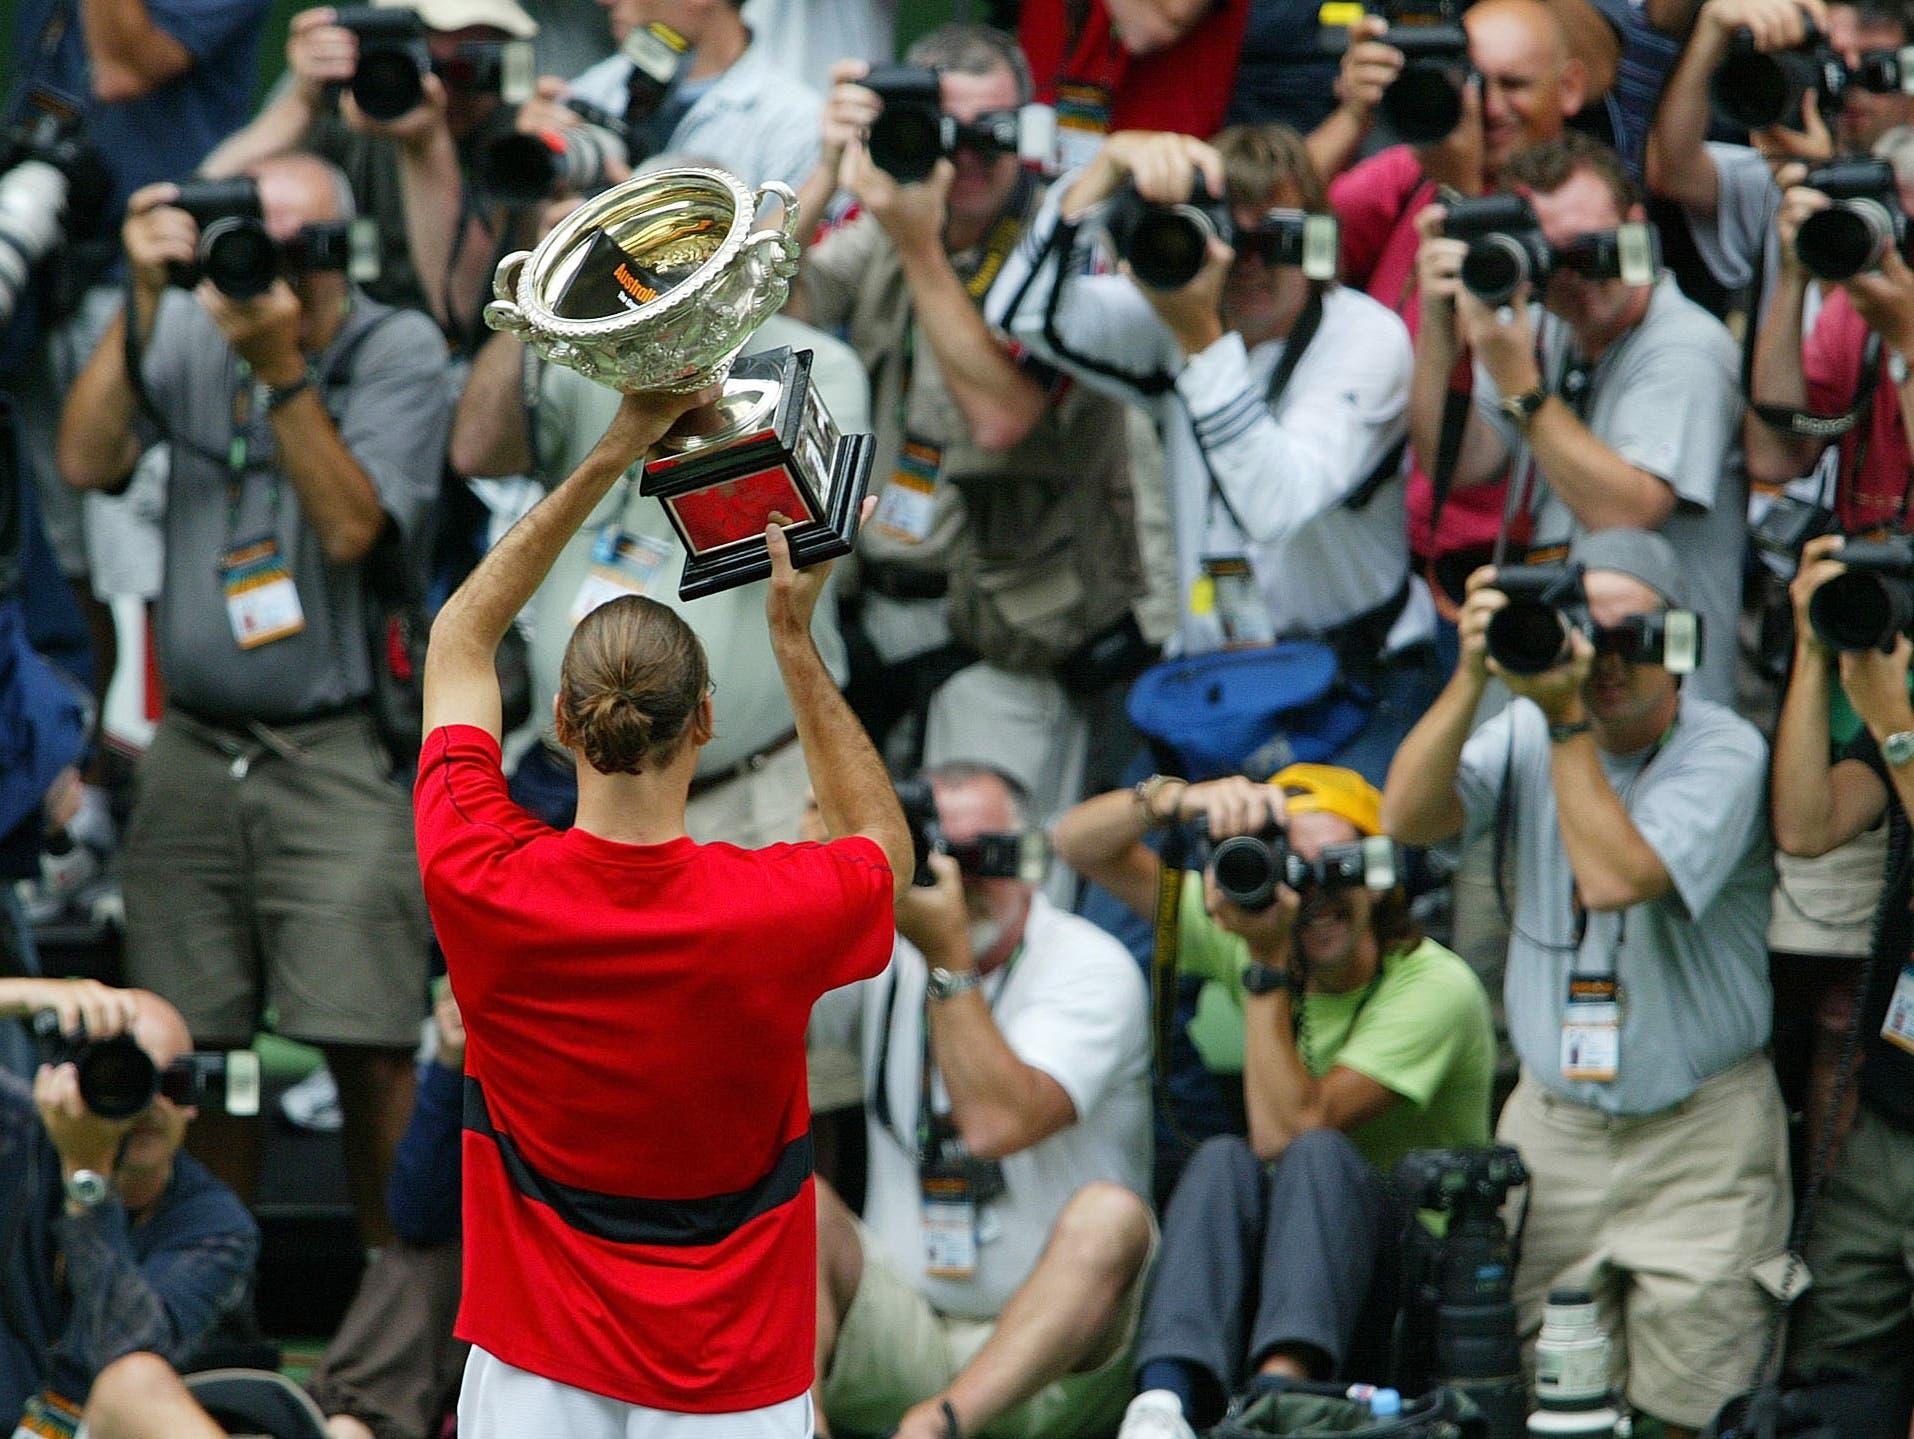 Australian Open 2004: Federer s. Safin 7:6 (7:3), 6:4, 6:2Mit dem Halbfinal-Sieg gegen Ferrero löst Federer diesen als Weltranglistenersten ab. Mit Hewitt und Safin besiegt er auf dem Weg zum ersten Melbourne-Triumph zwei ehemalige Spitzenreiter. «Das ist der Riesensprung in meiner Karriere. Selbst im Finale blieb ich ruhig. Seit einem Jahr habe ich das Gefühl, dass ich grosse Turniere gewinnen kann», sagt Federer. «Höher geht es nicht. Jetzt ist es wichtig, da zu bleiben.»